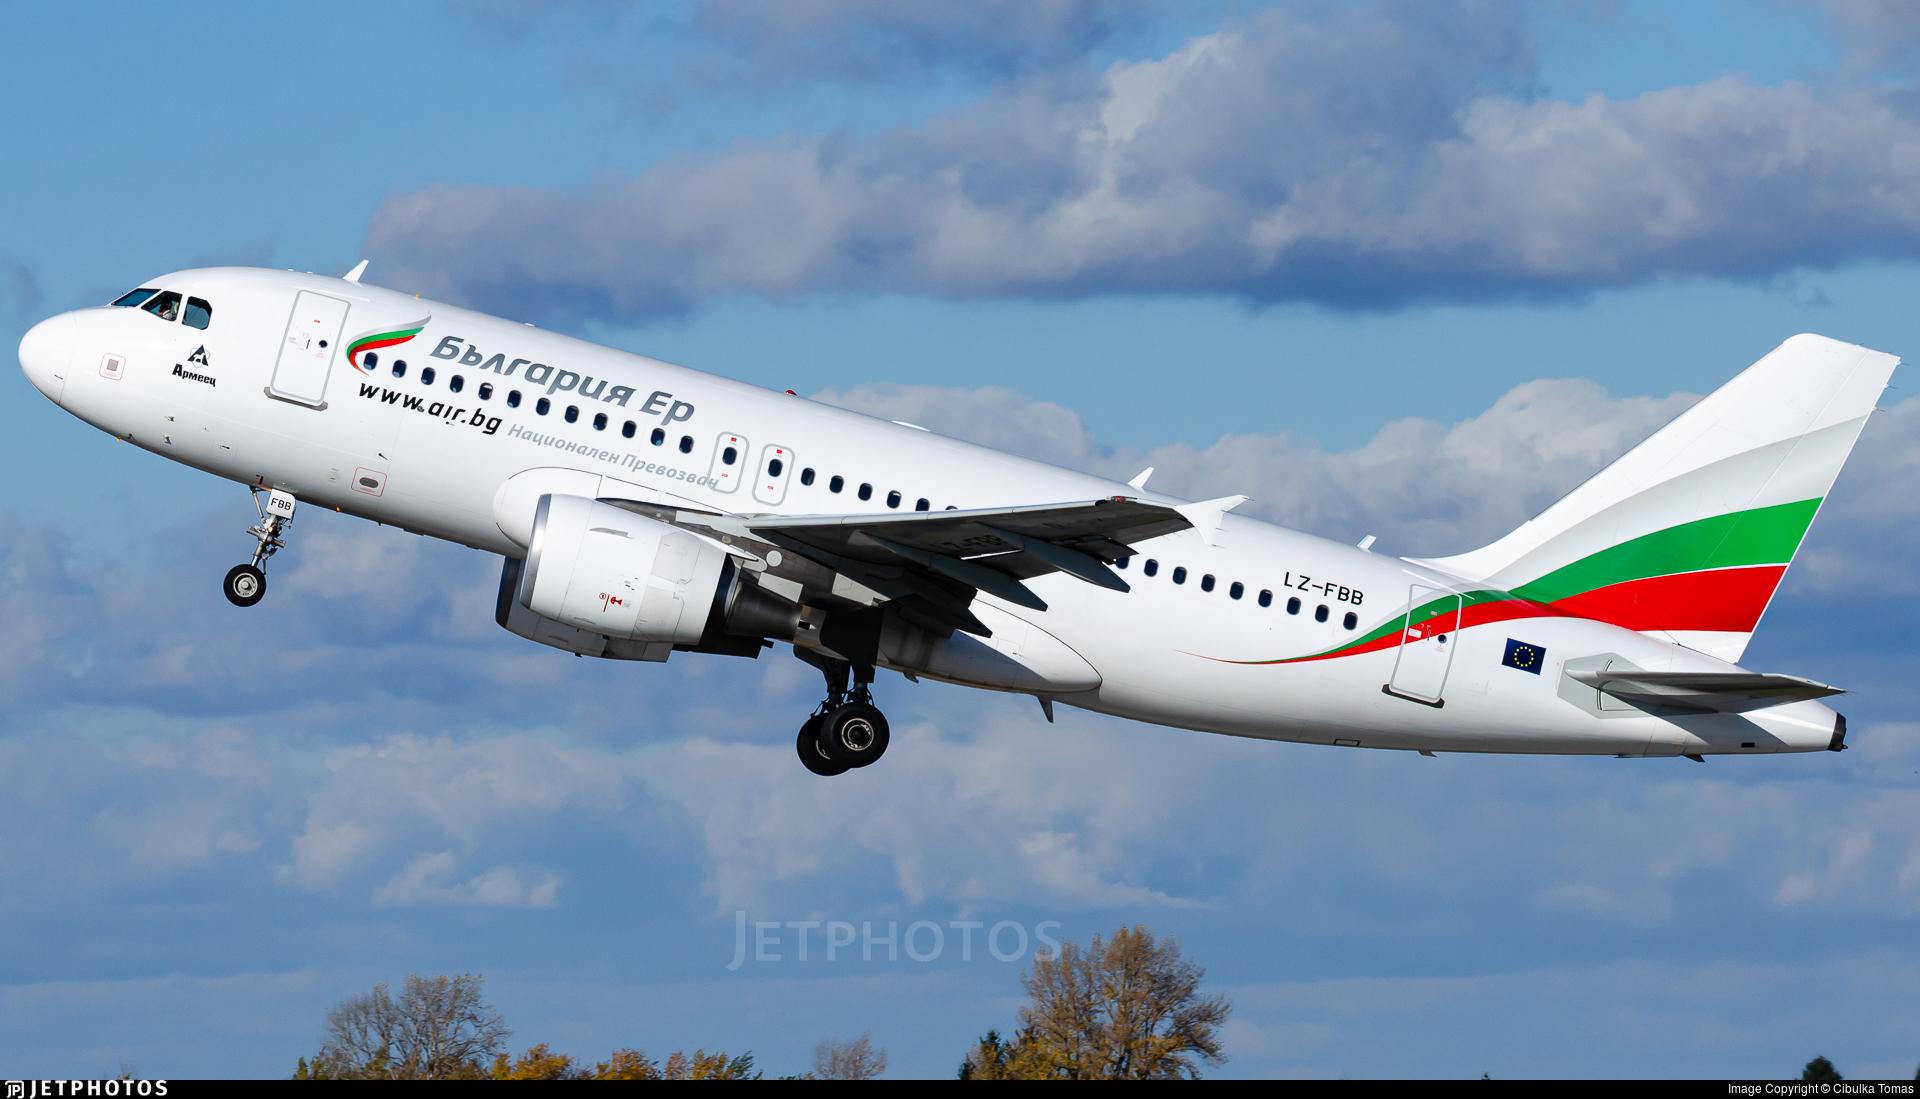 LZ-FBB - Airbus A319-112 - Bulgaria Air